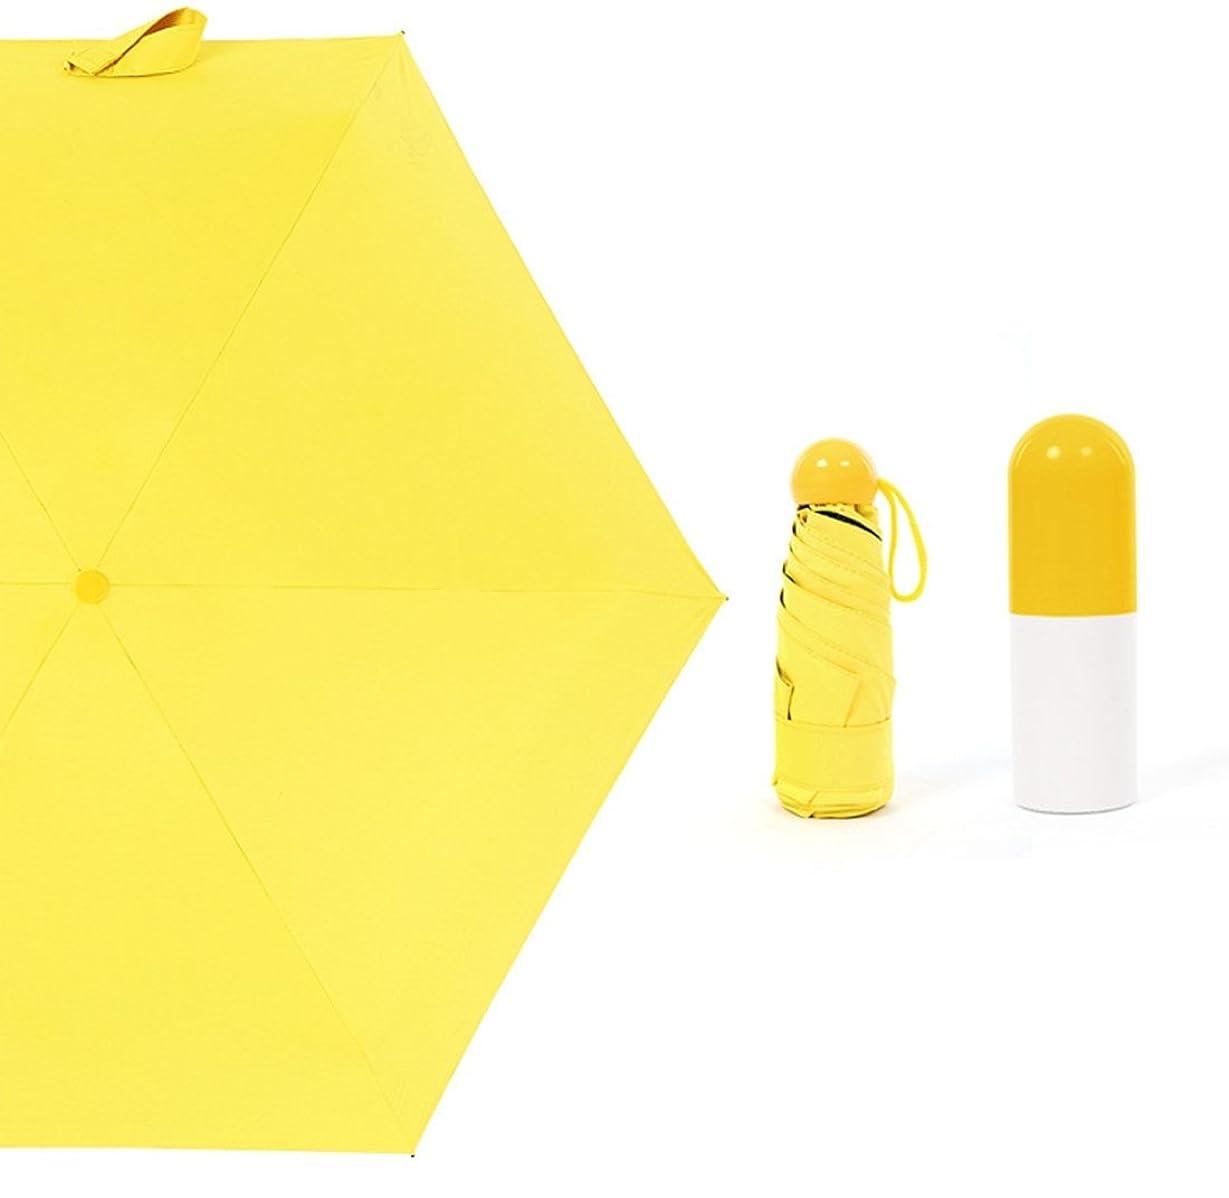 第三アーティスト中庭Yammi 折り畳み傘 ミニ日傘 日焼け止め スーパーライト UVカット 100 遮光 メンズ レディース 耐風 撥水 軽量 晴雨兼用 コンパクト 5色 (色 : イエロー)